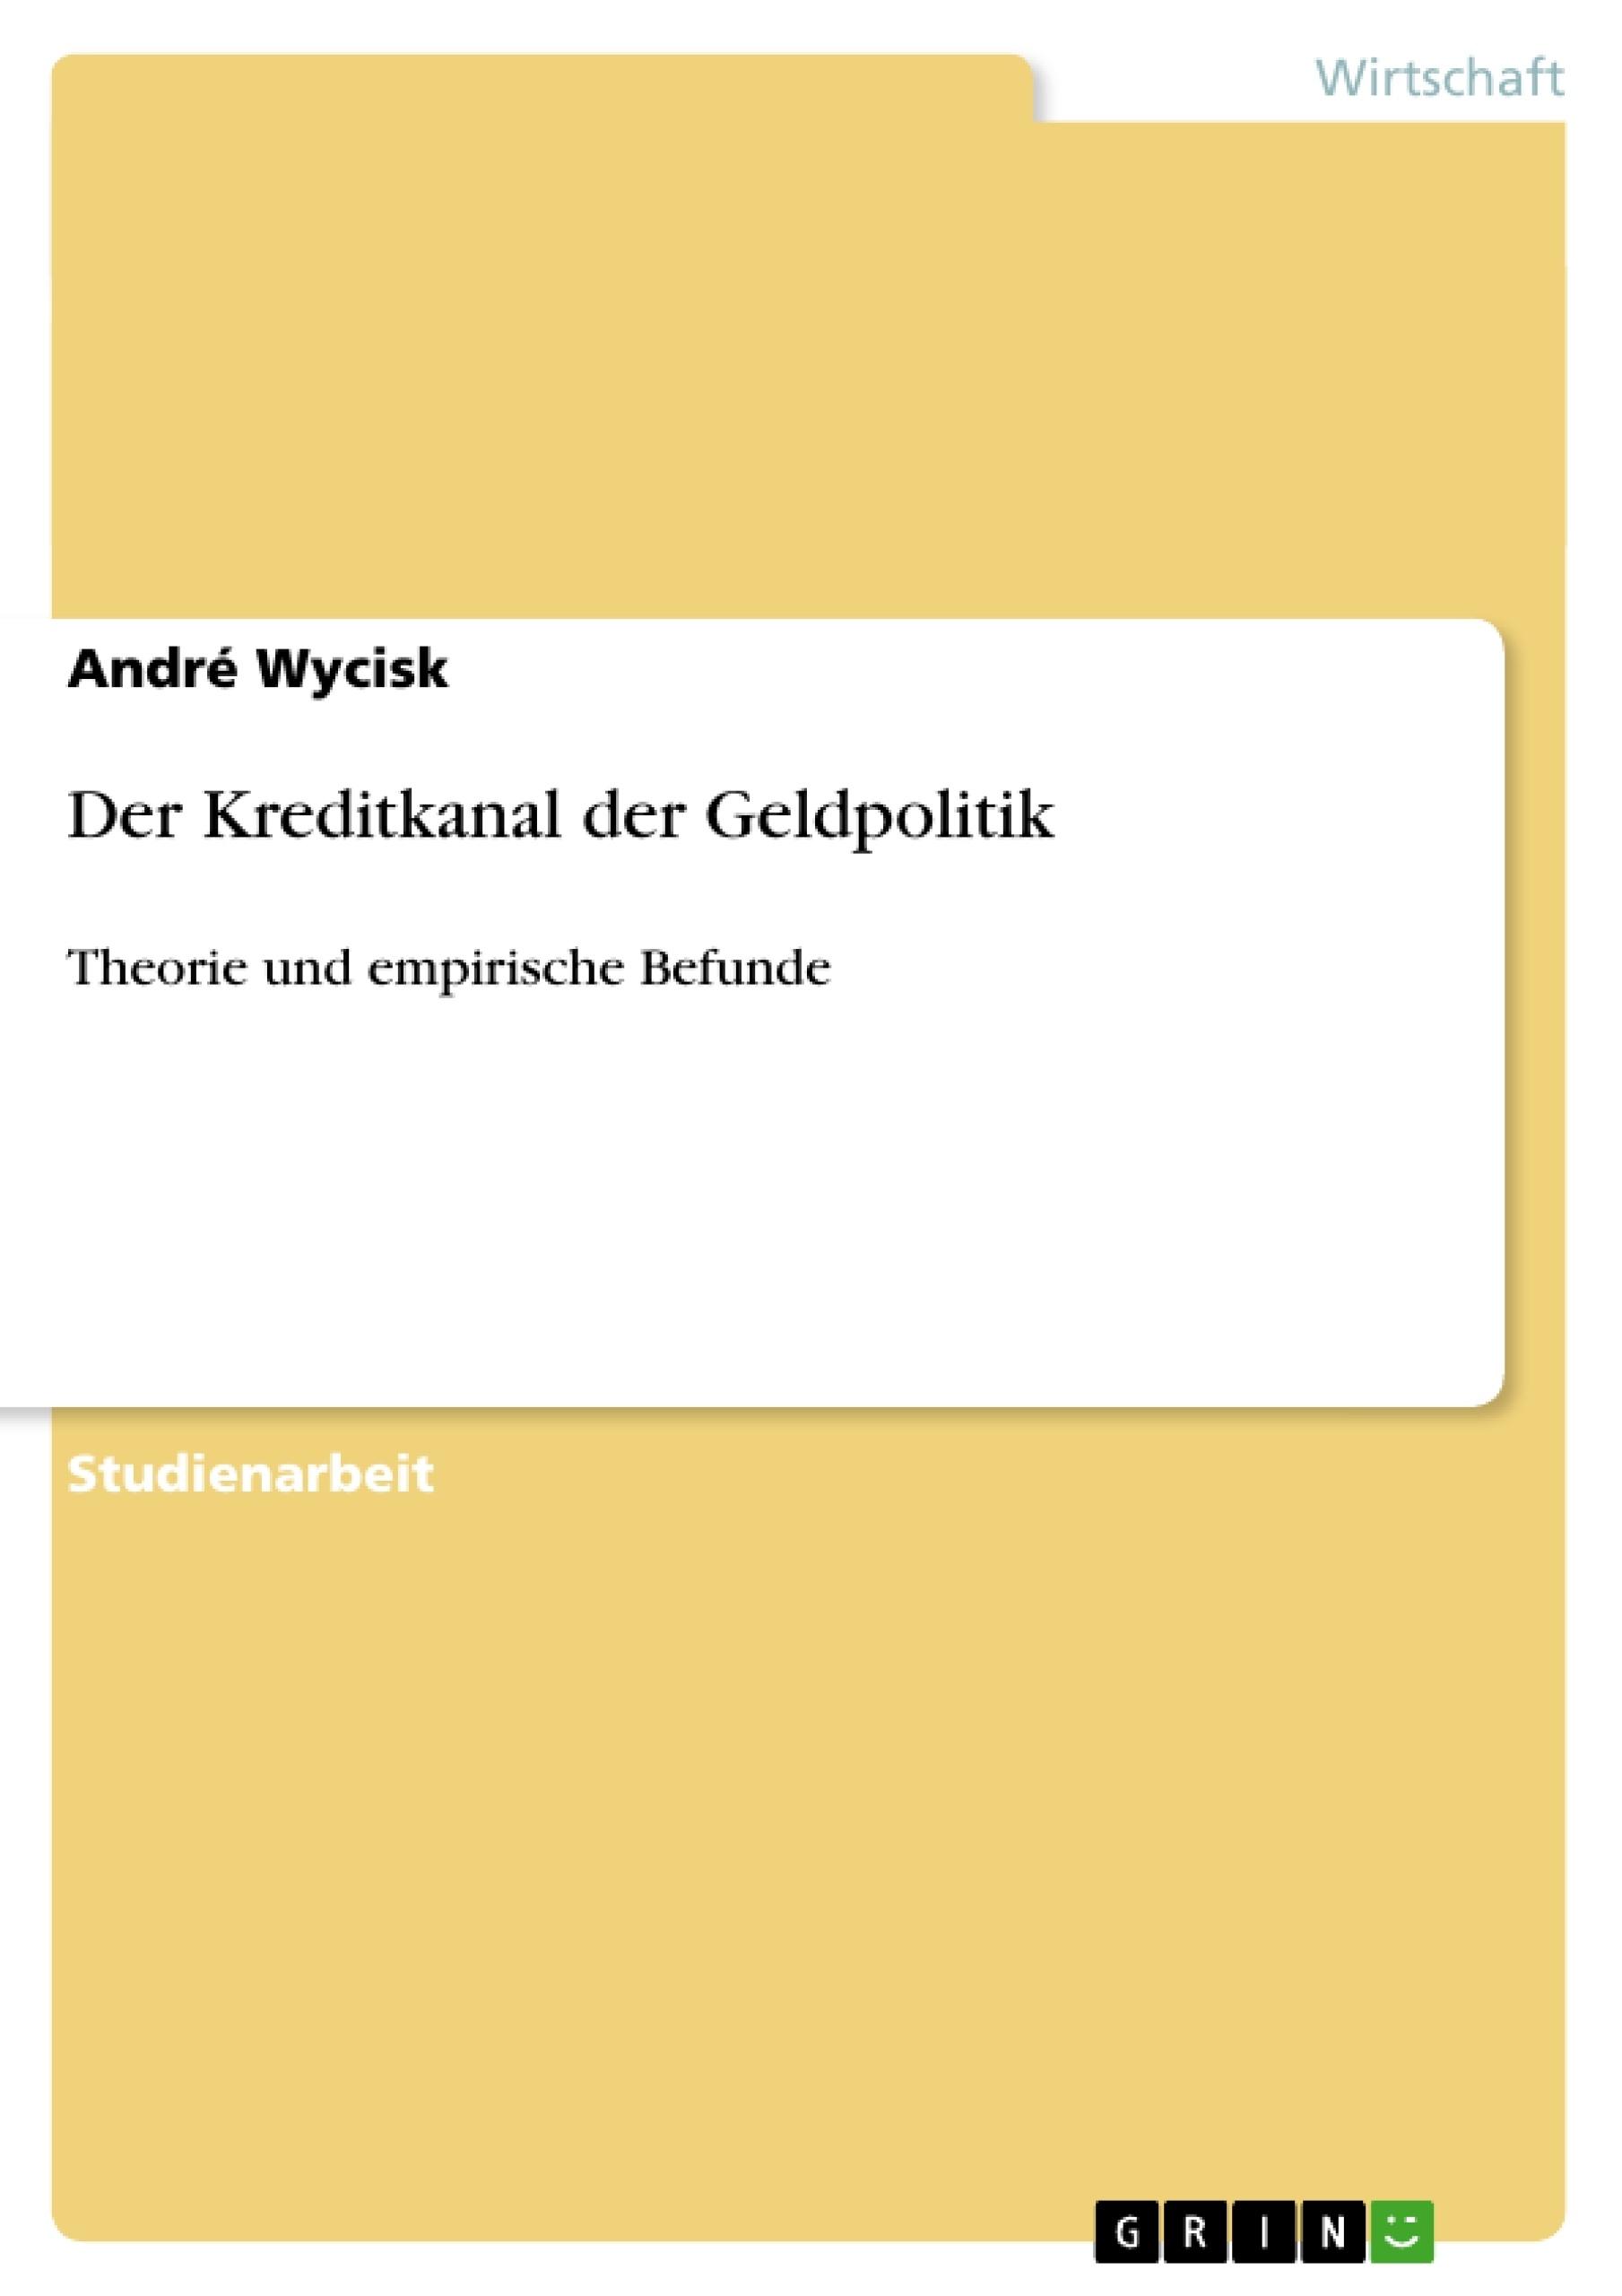 Titel: Der Kreditkanal der Geldpolitik